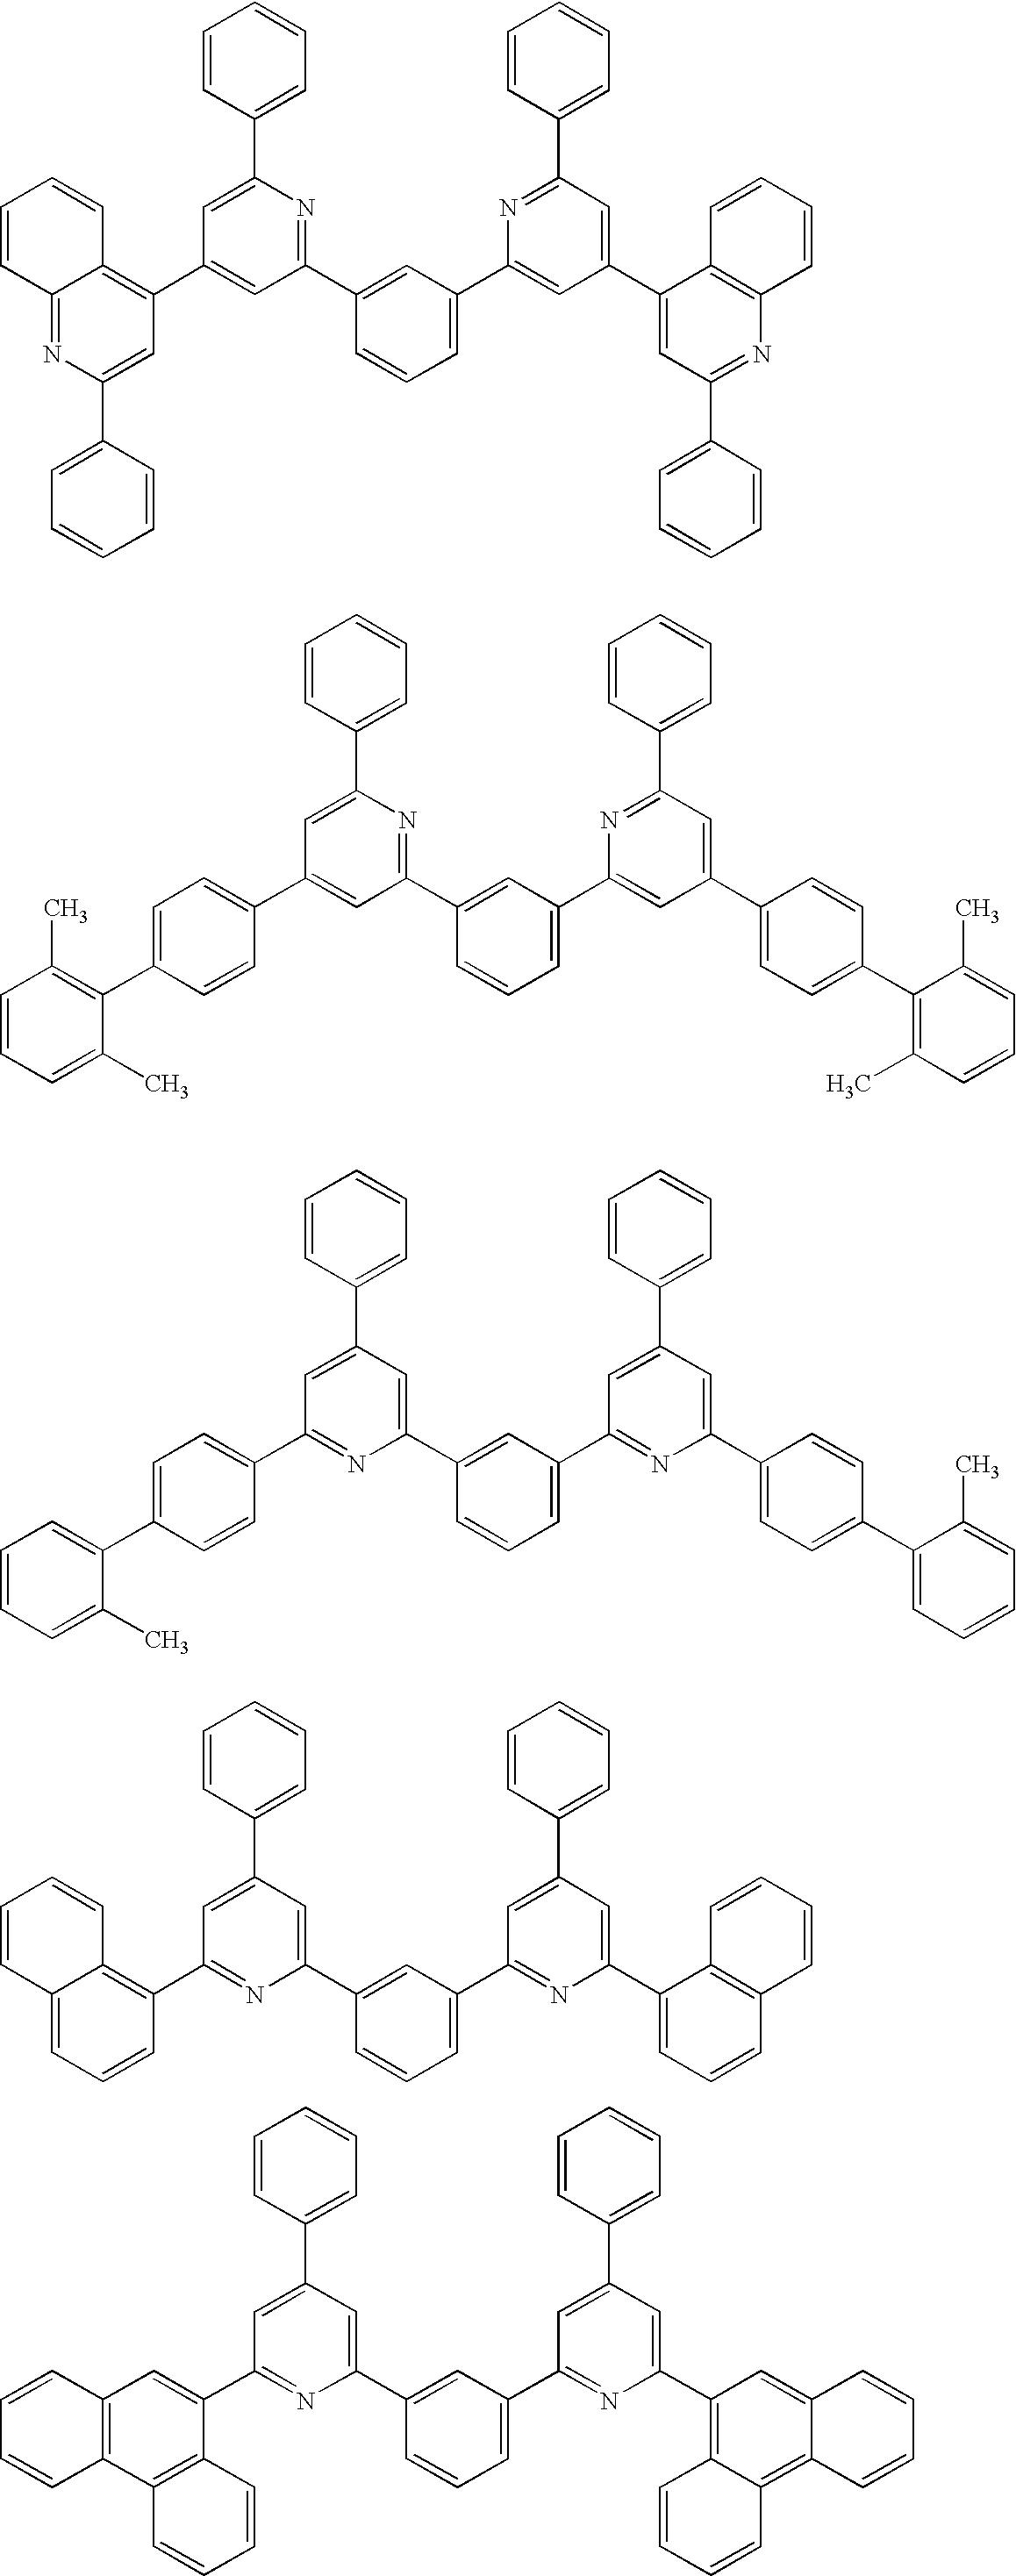 Figure US20060186796A1-20060824-C00096